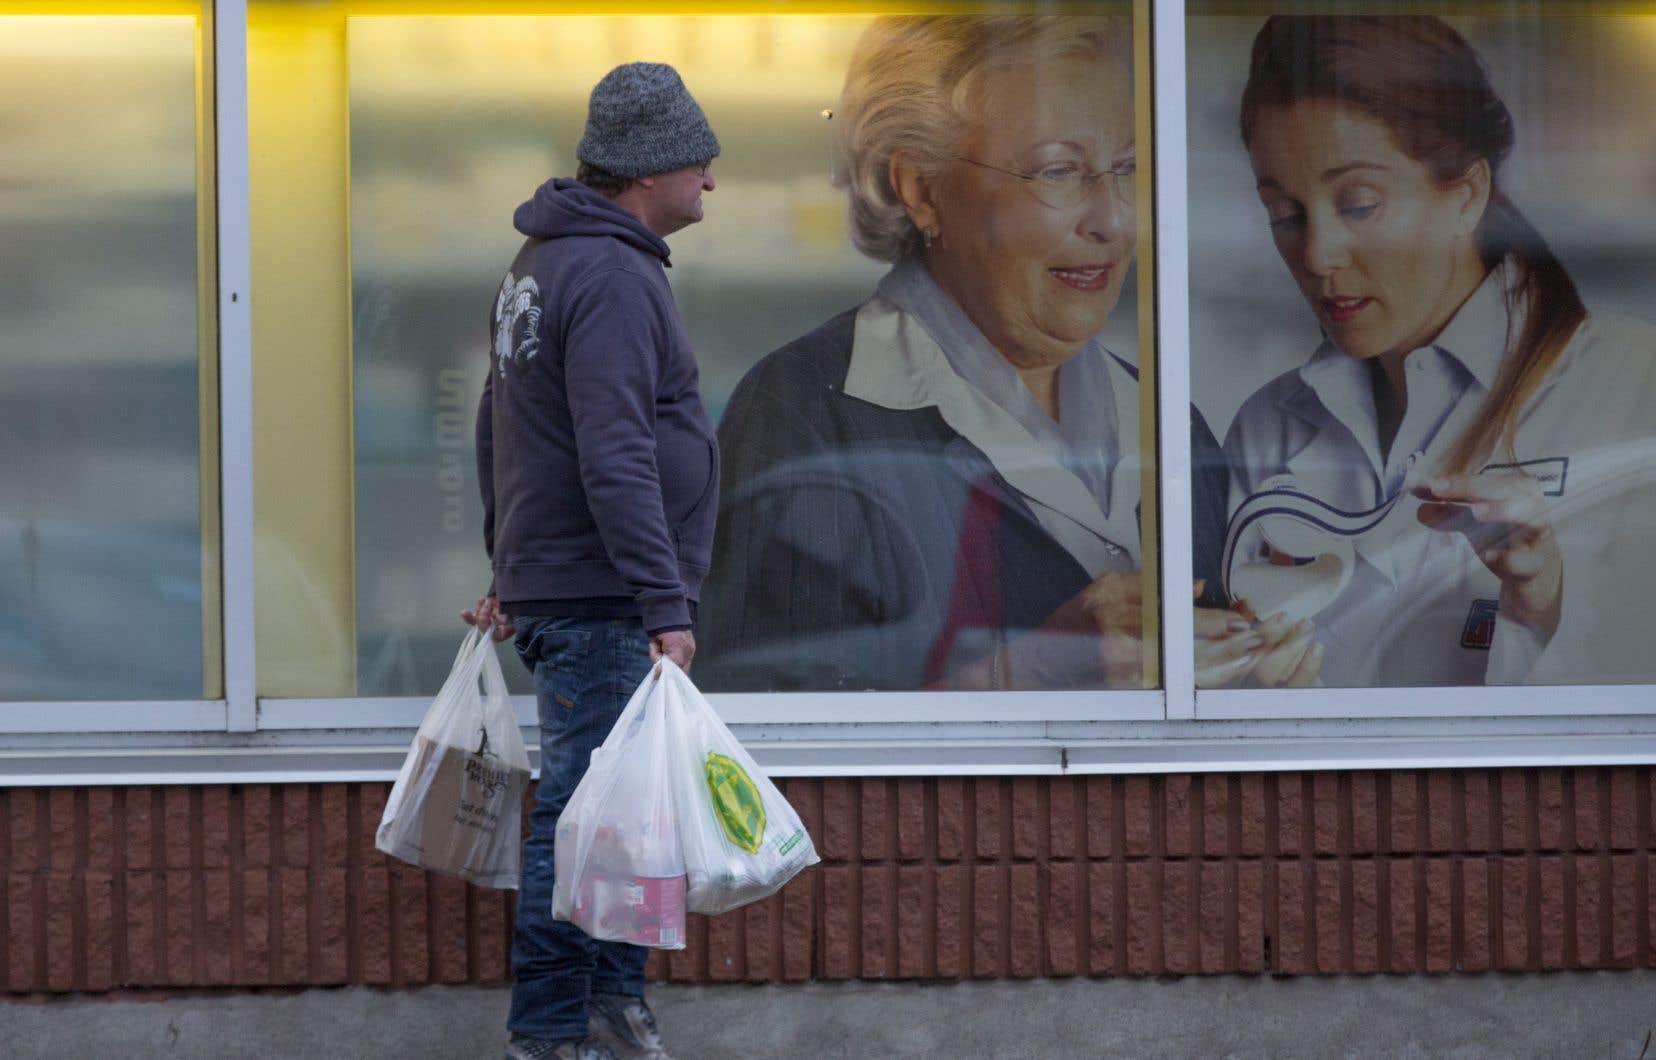 Les sacs en plastique ultraminces sont appelés à disparaître à Montréal. C'est du moins le vœu de l'administration municipale.